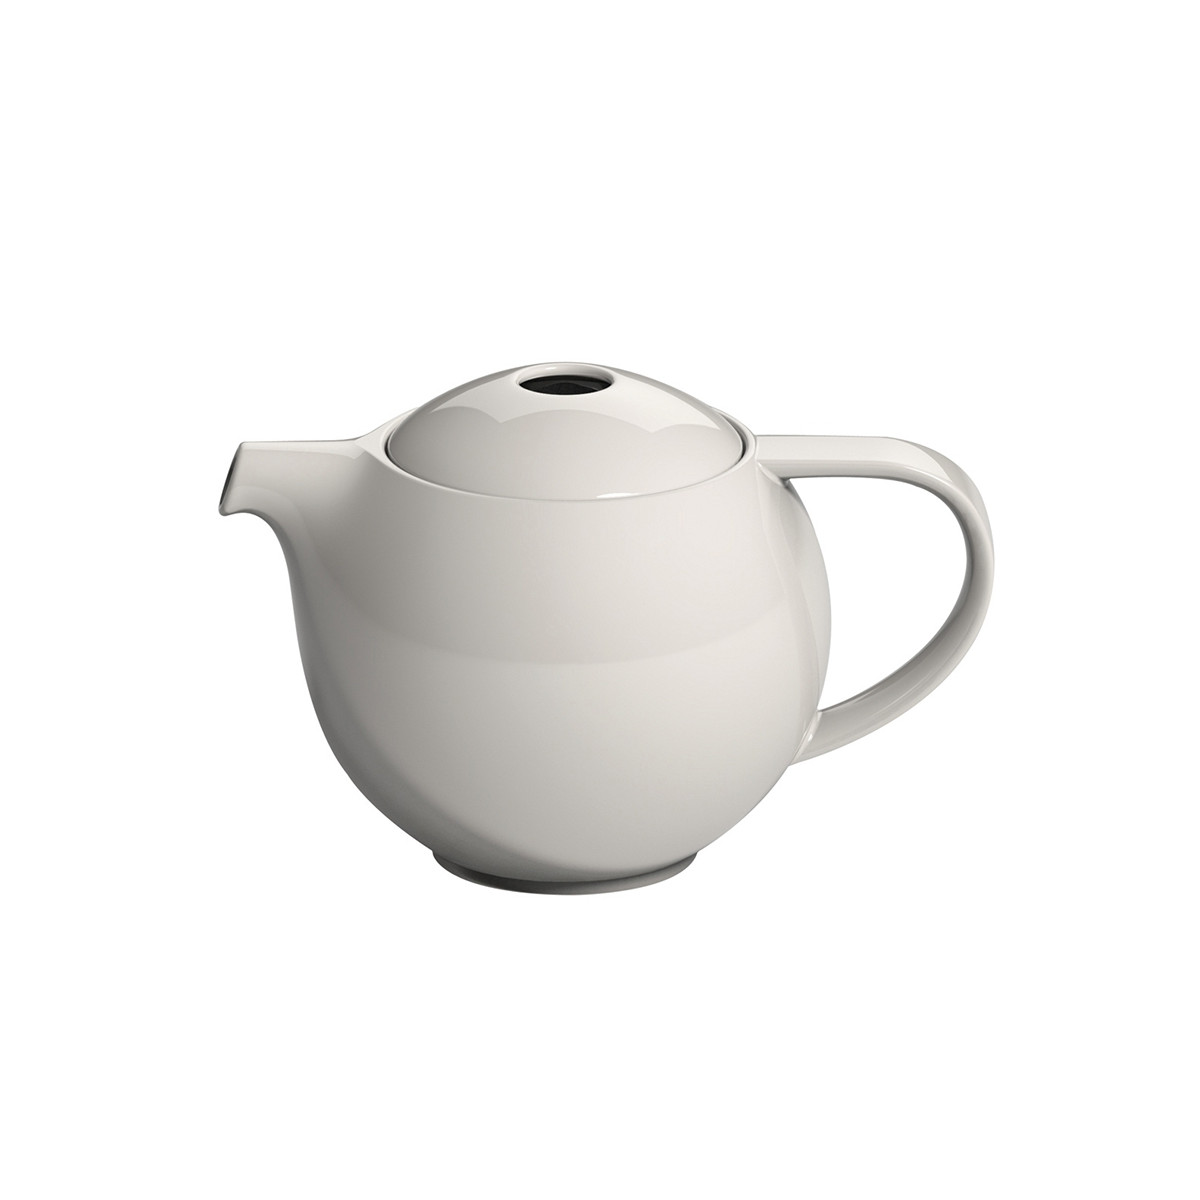 theiere ronde porcelaine loveramics creme 0 9l